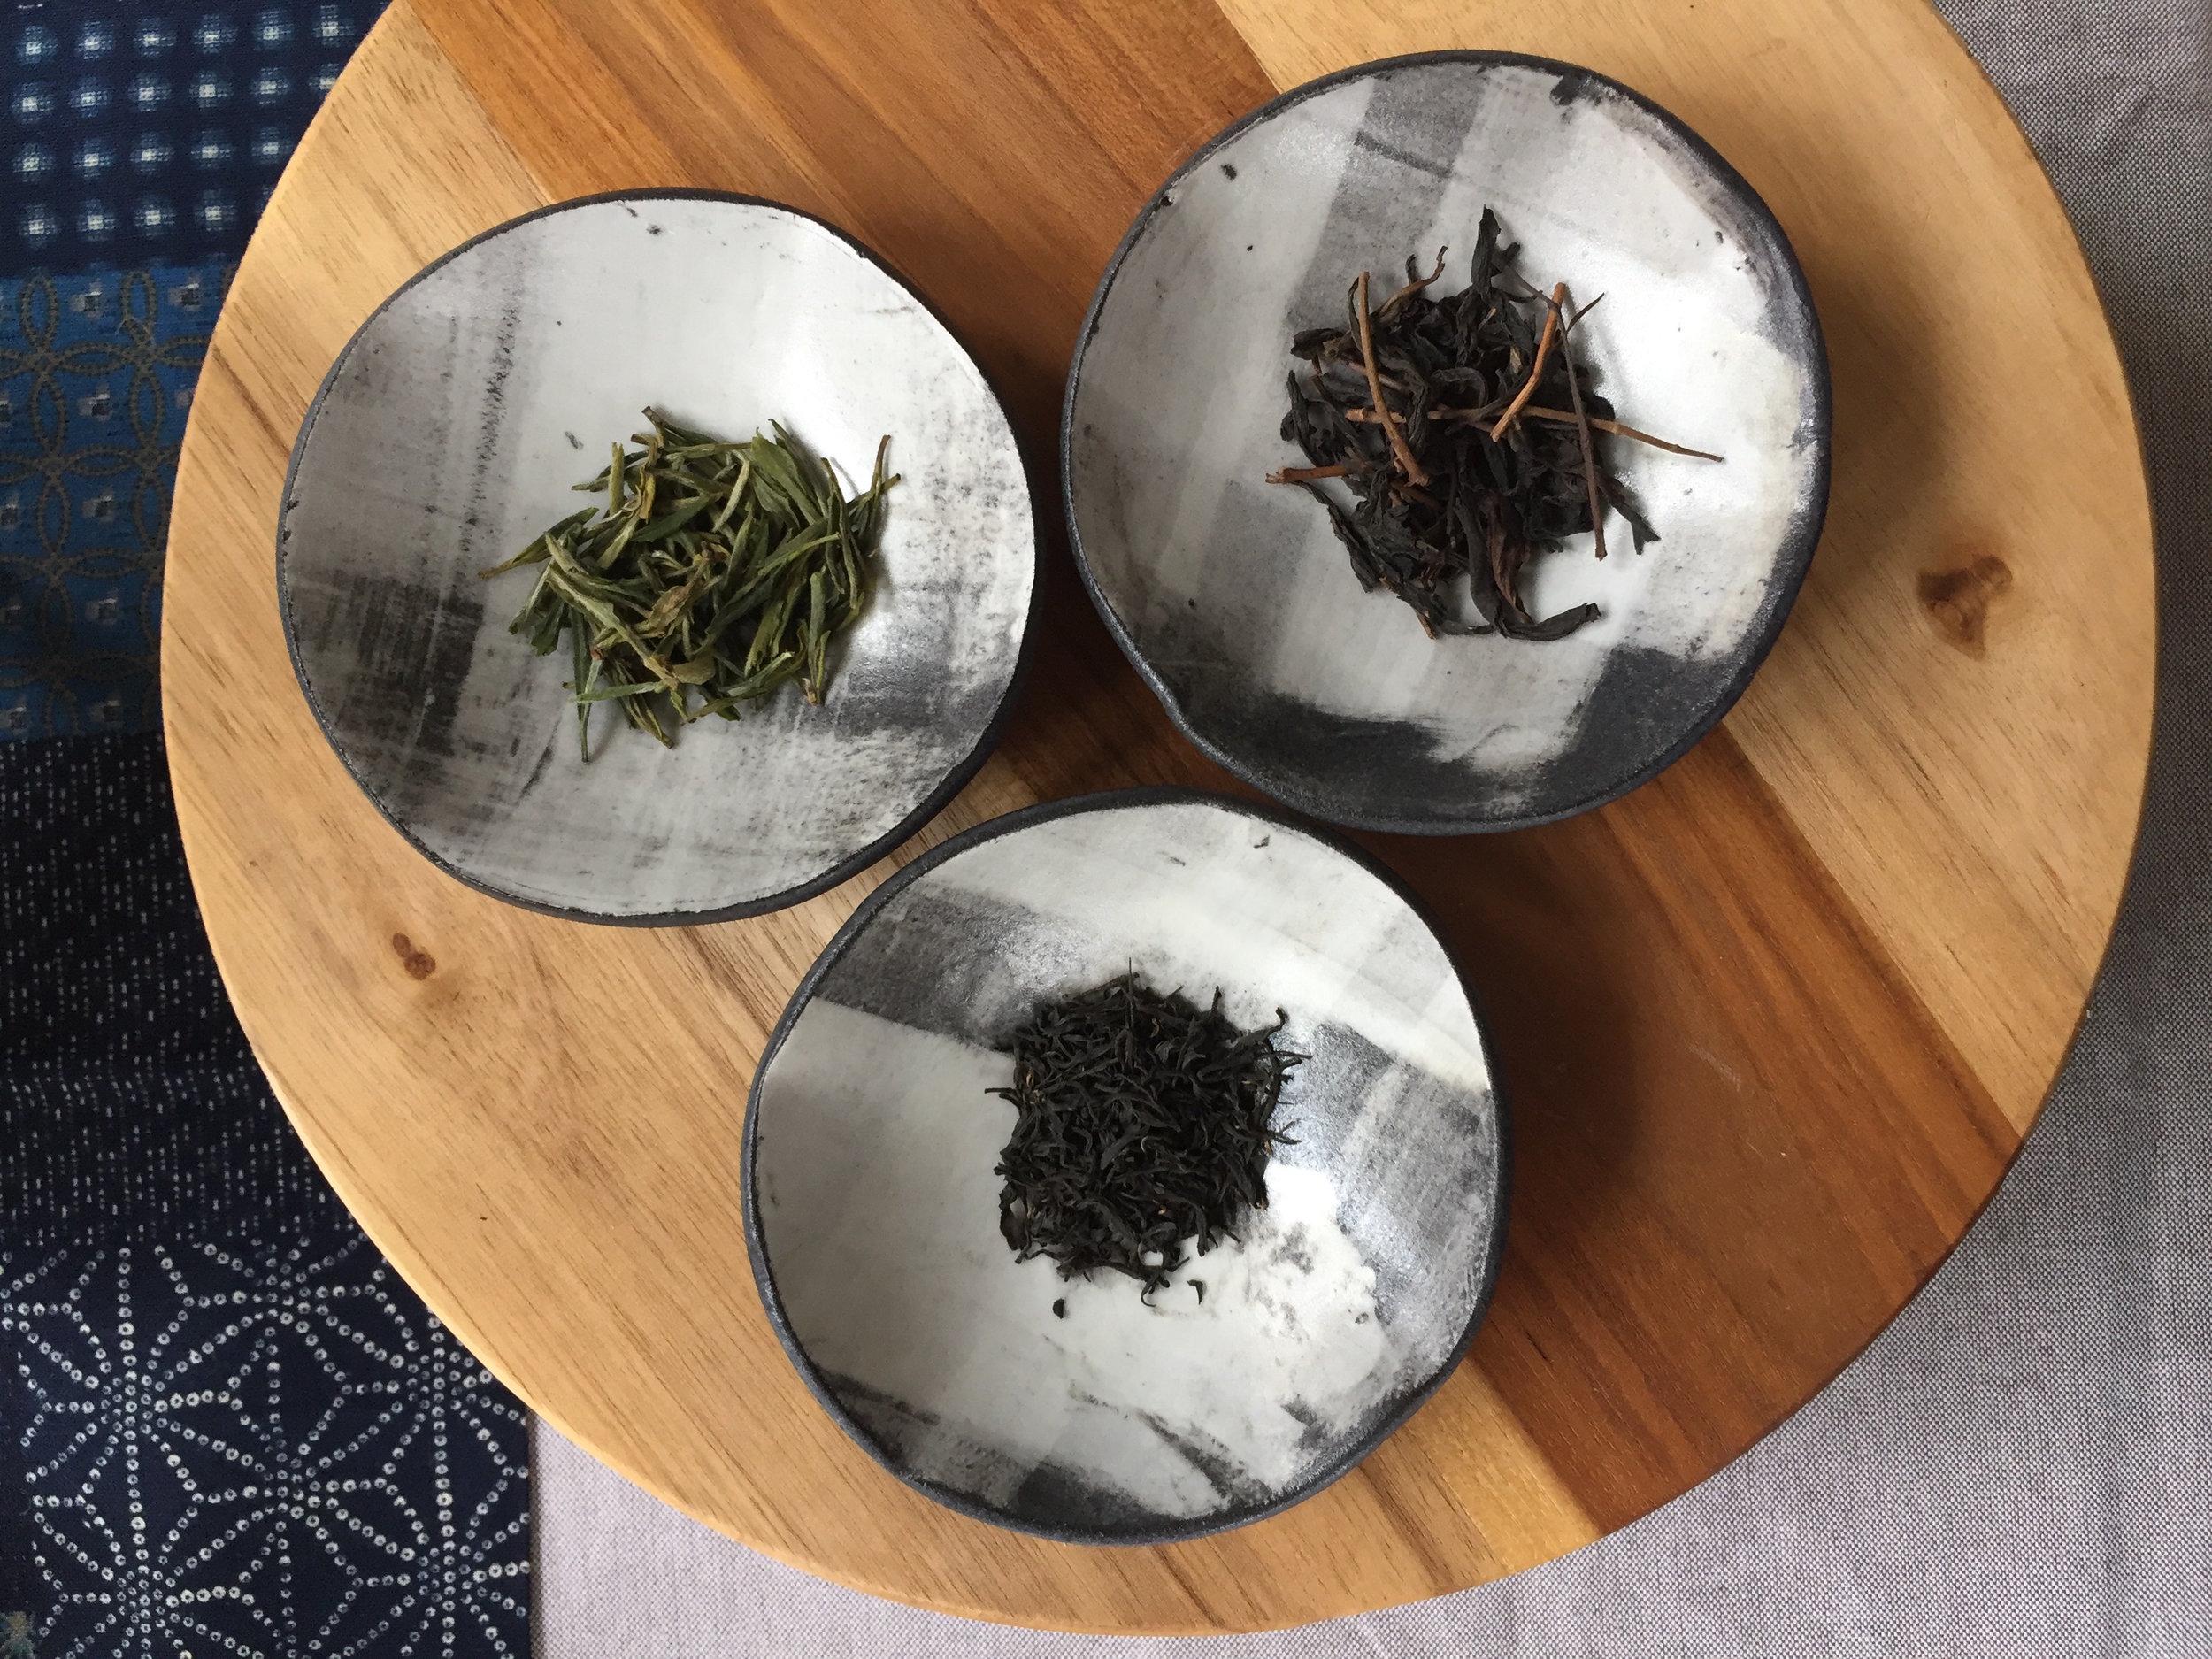 TeaXchange Dec 2017: Yellow Tea